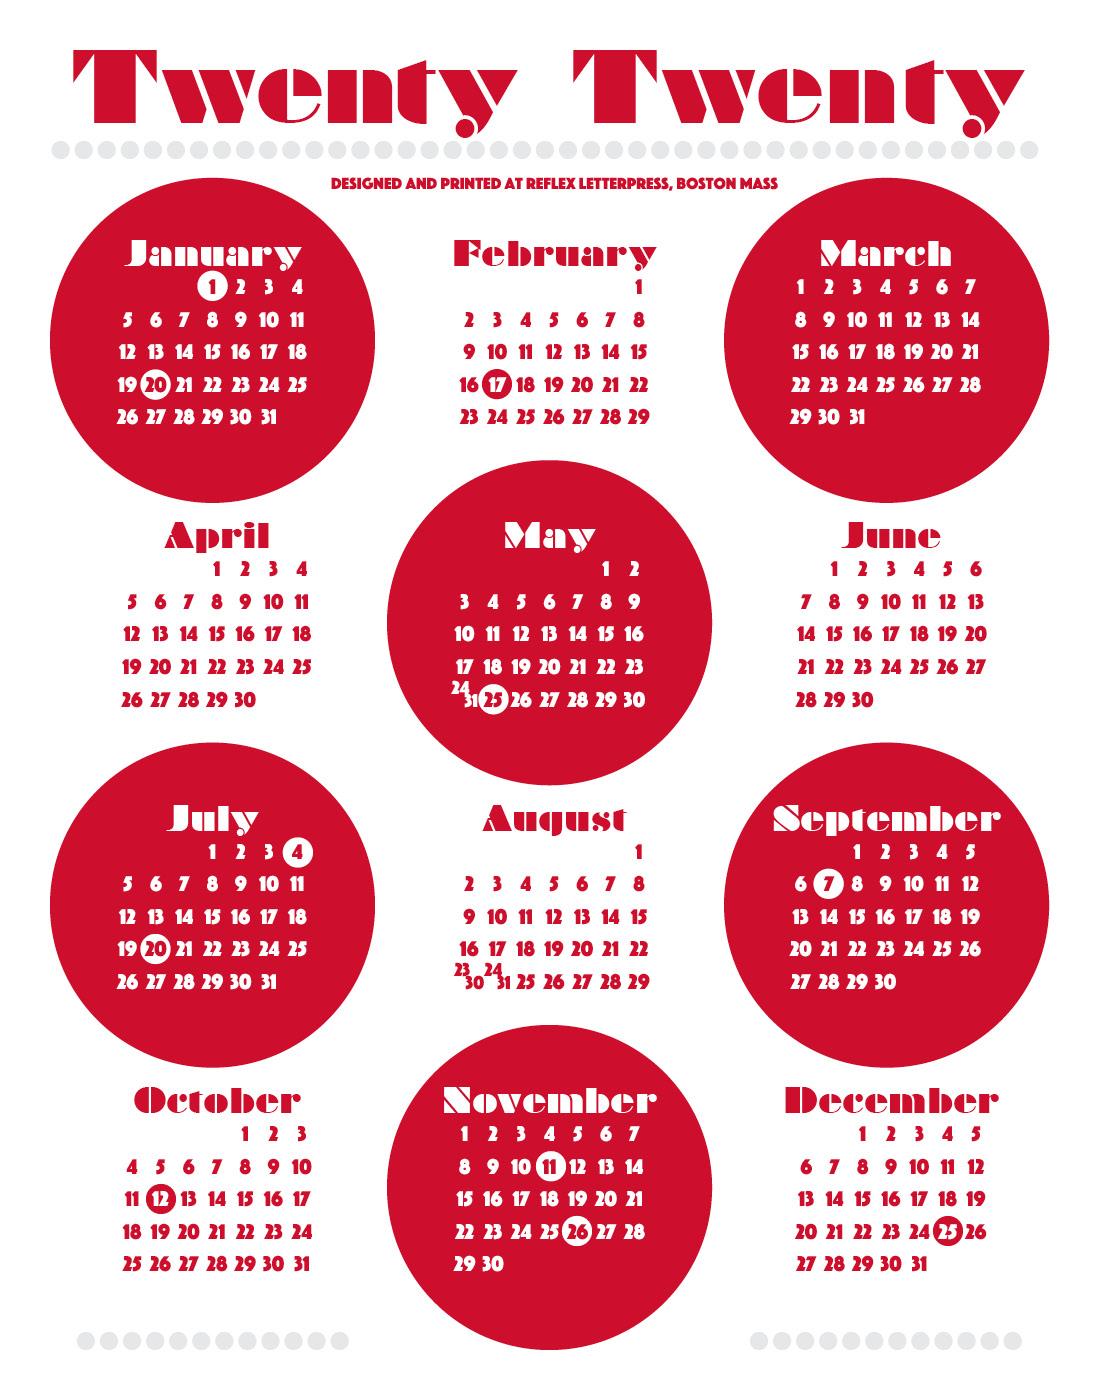 February 2020 Calendar Winthrop Massachusetts 2020 Dot Calendar – Reflex Letterpress